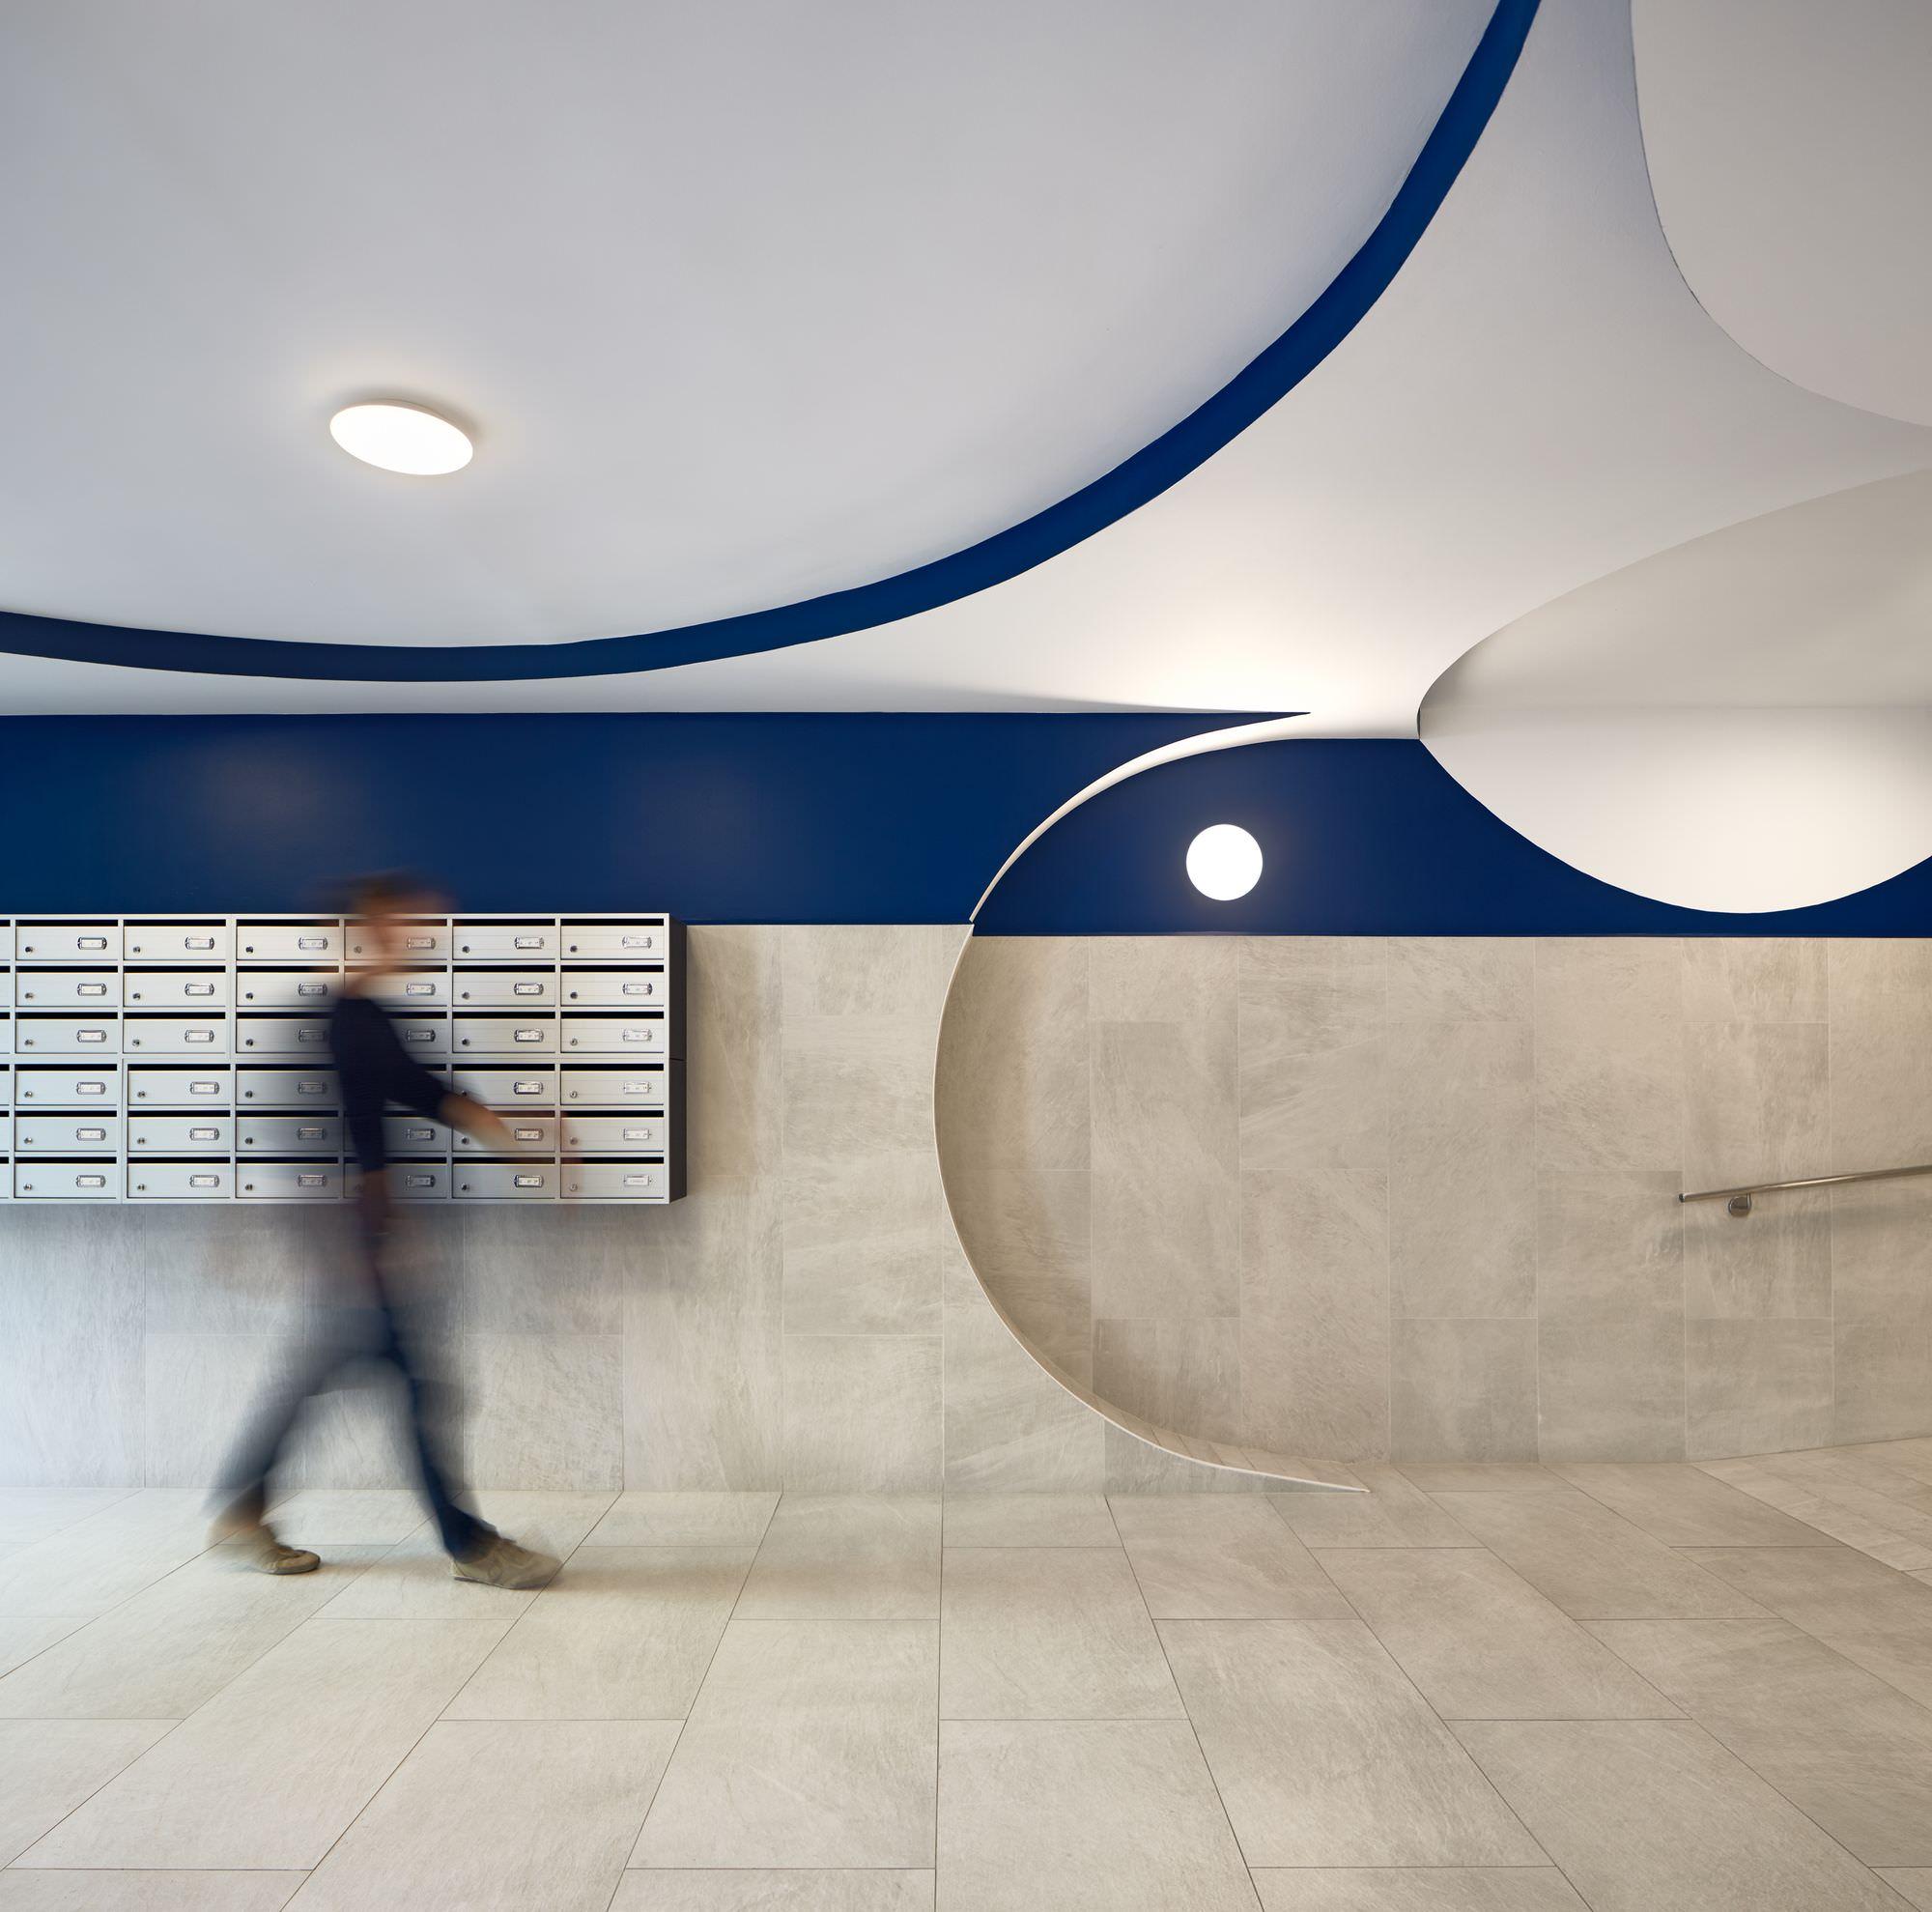 גם מבואת כניסה של בניין מיושן, יכולה להיות מעוצבת עם מעוף